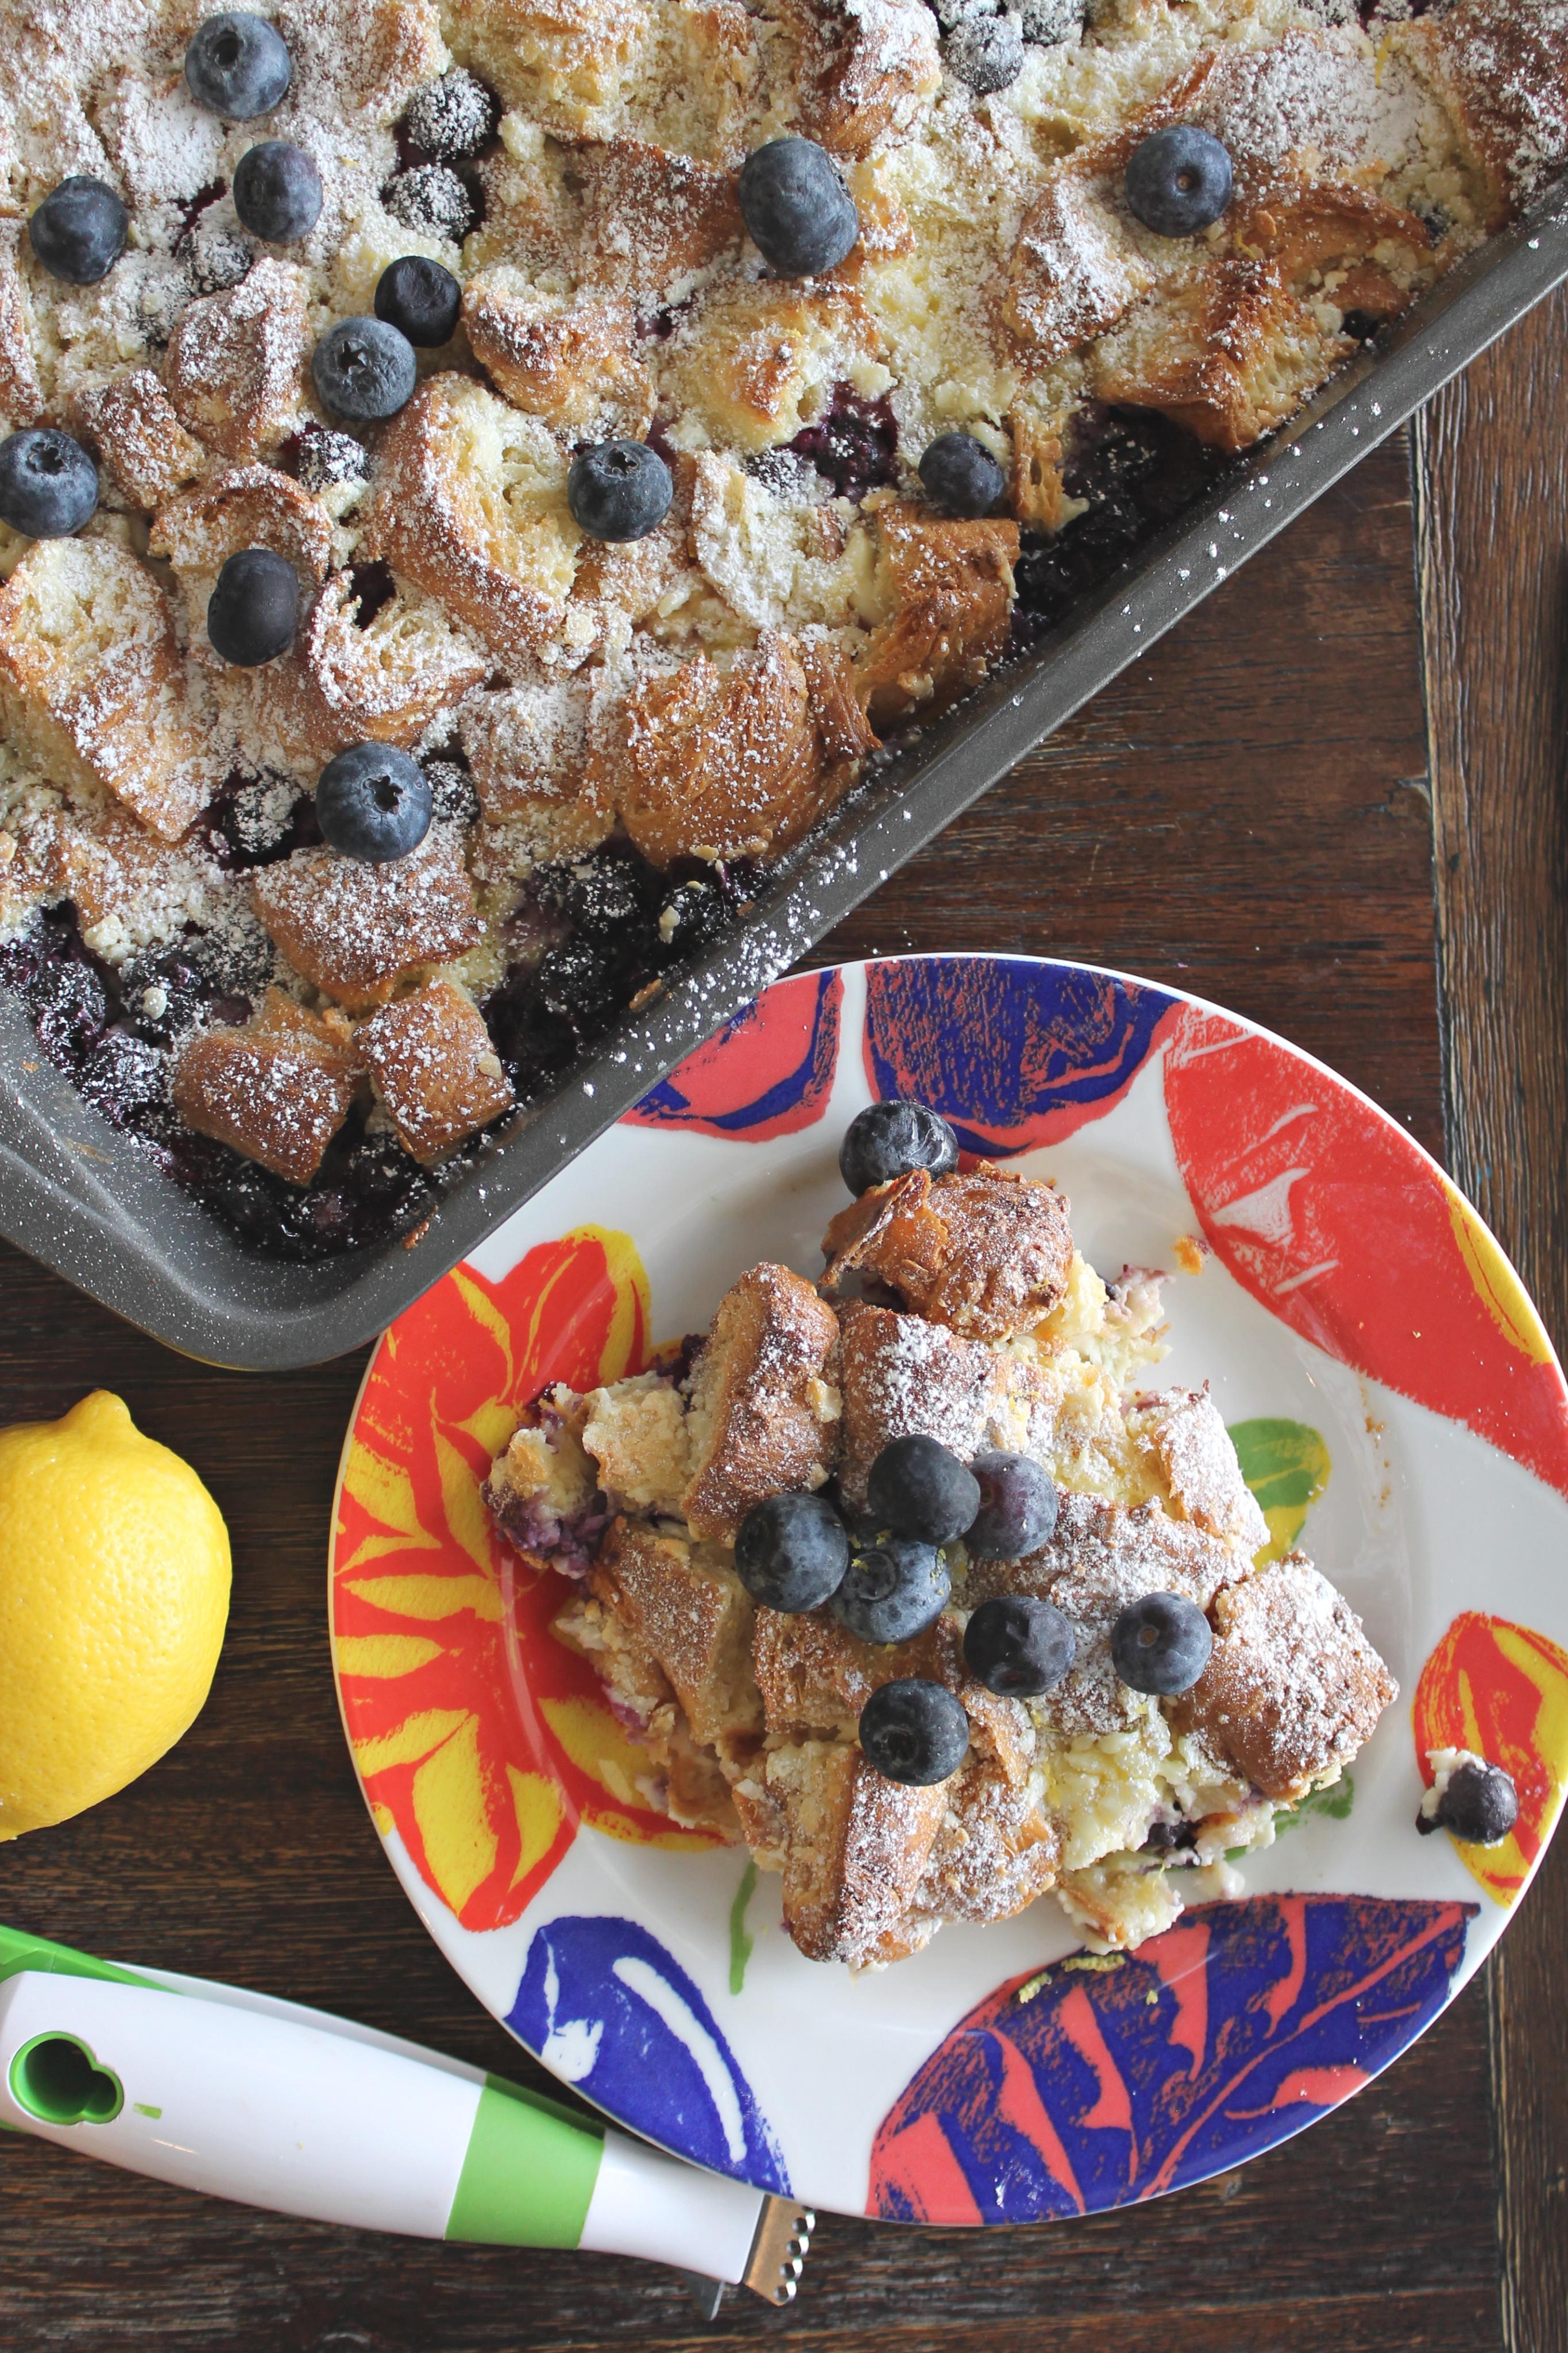 Blueberry Croissant Bake